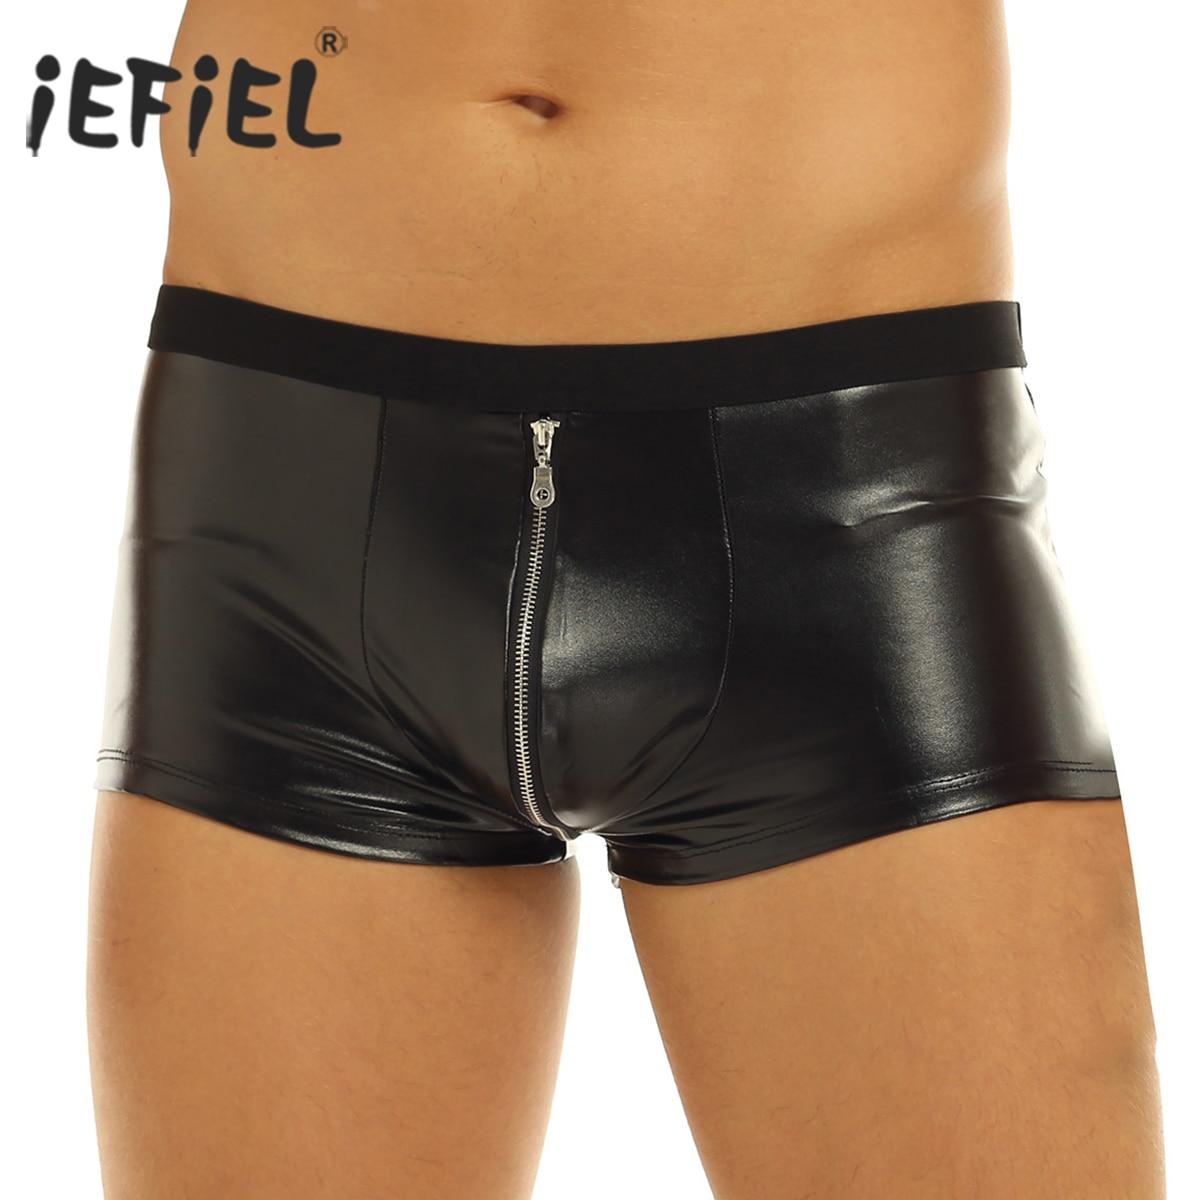 Iefiel Panties Underwear Jockstraps Faux-Leather Low-Rise Lingerie Boxer-Shorts Bulge-Pouch